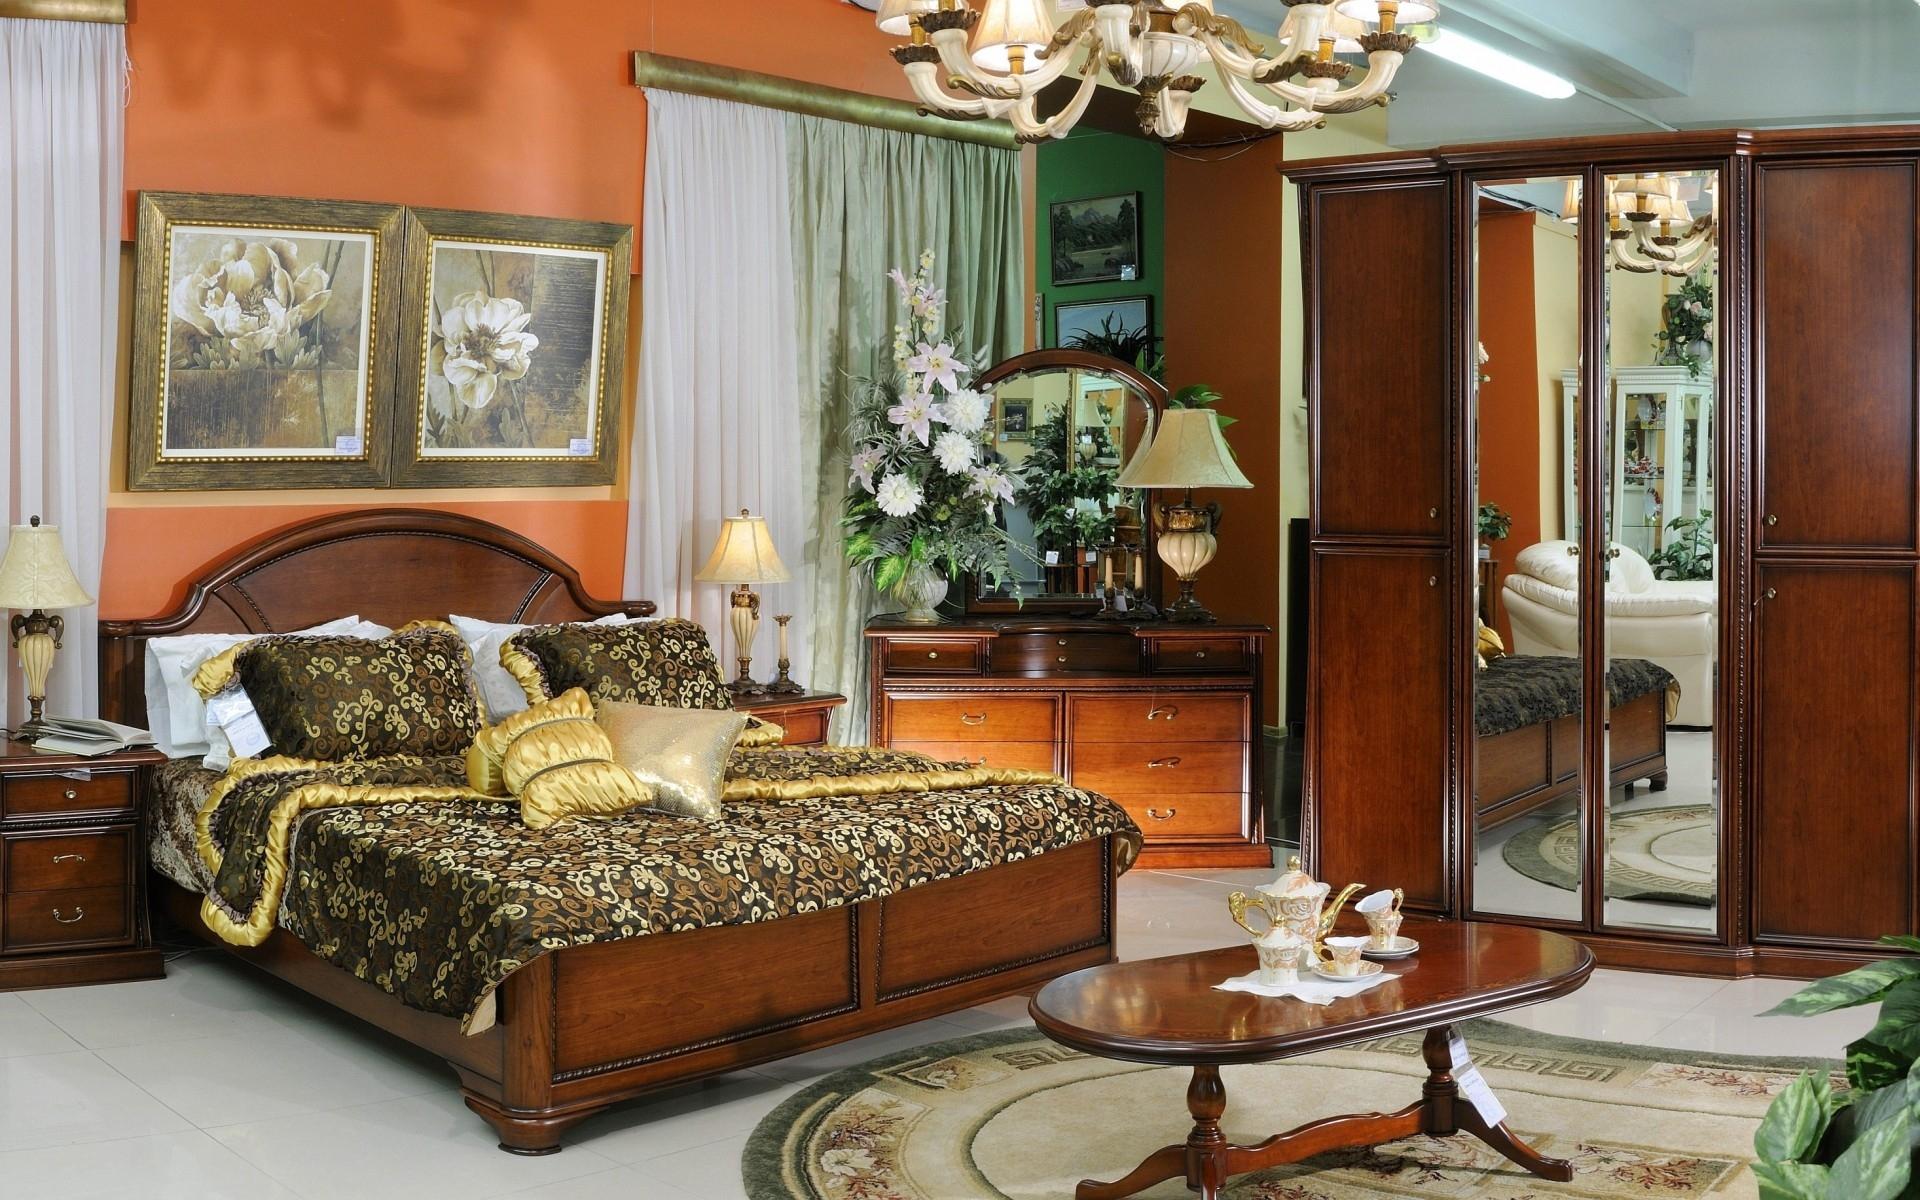 Baggrunde : værelse, interiør, seng, tabel, gardin, gardiner ...